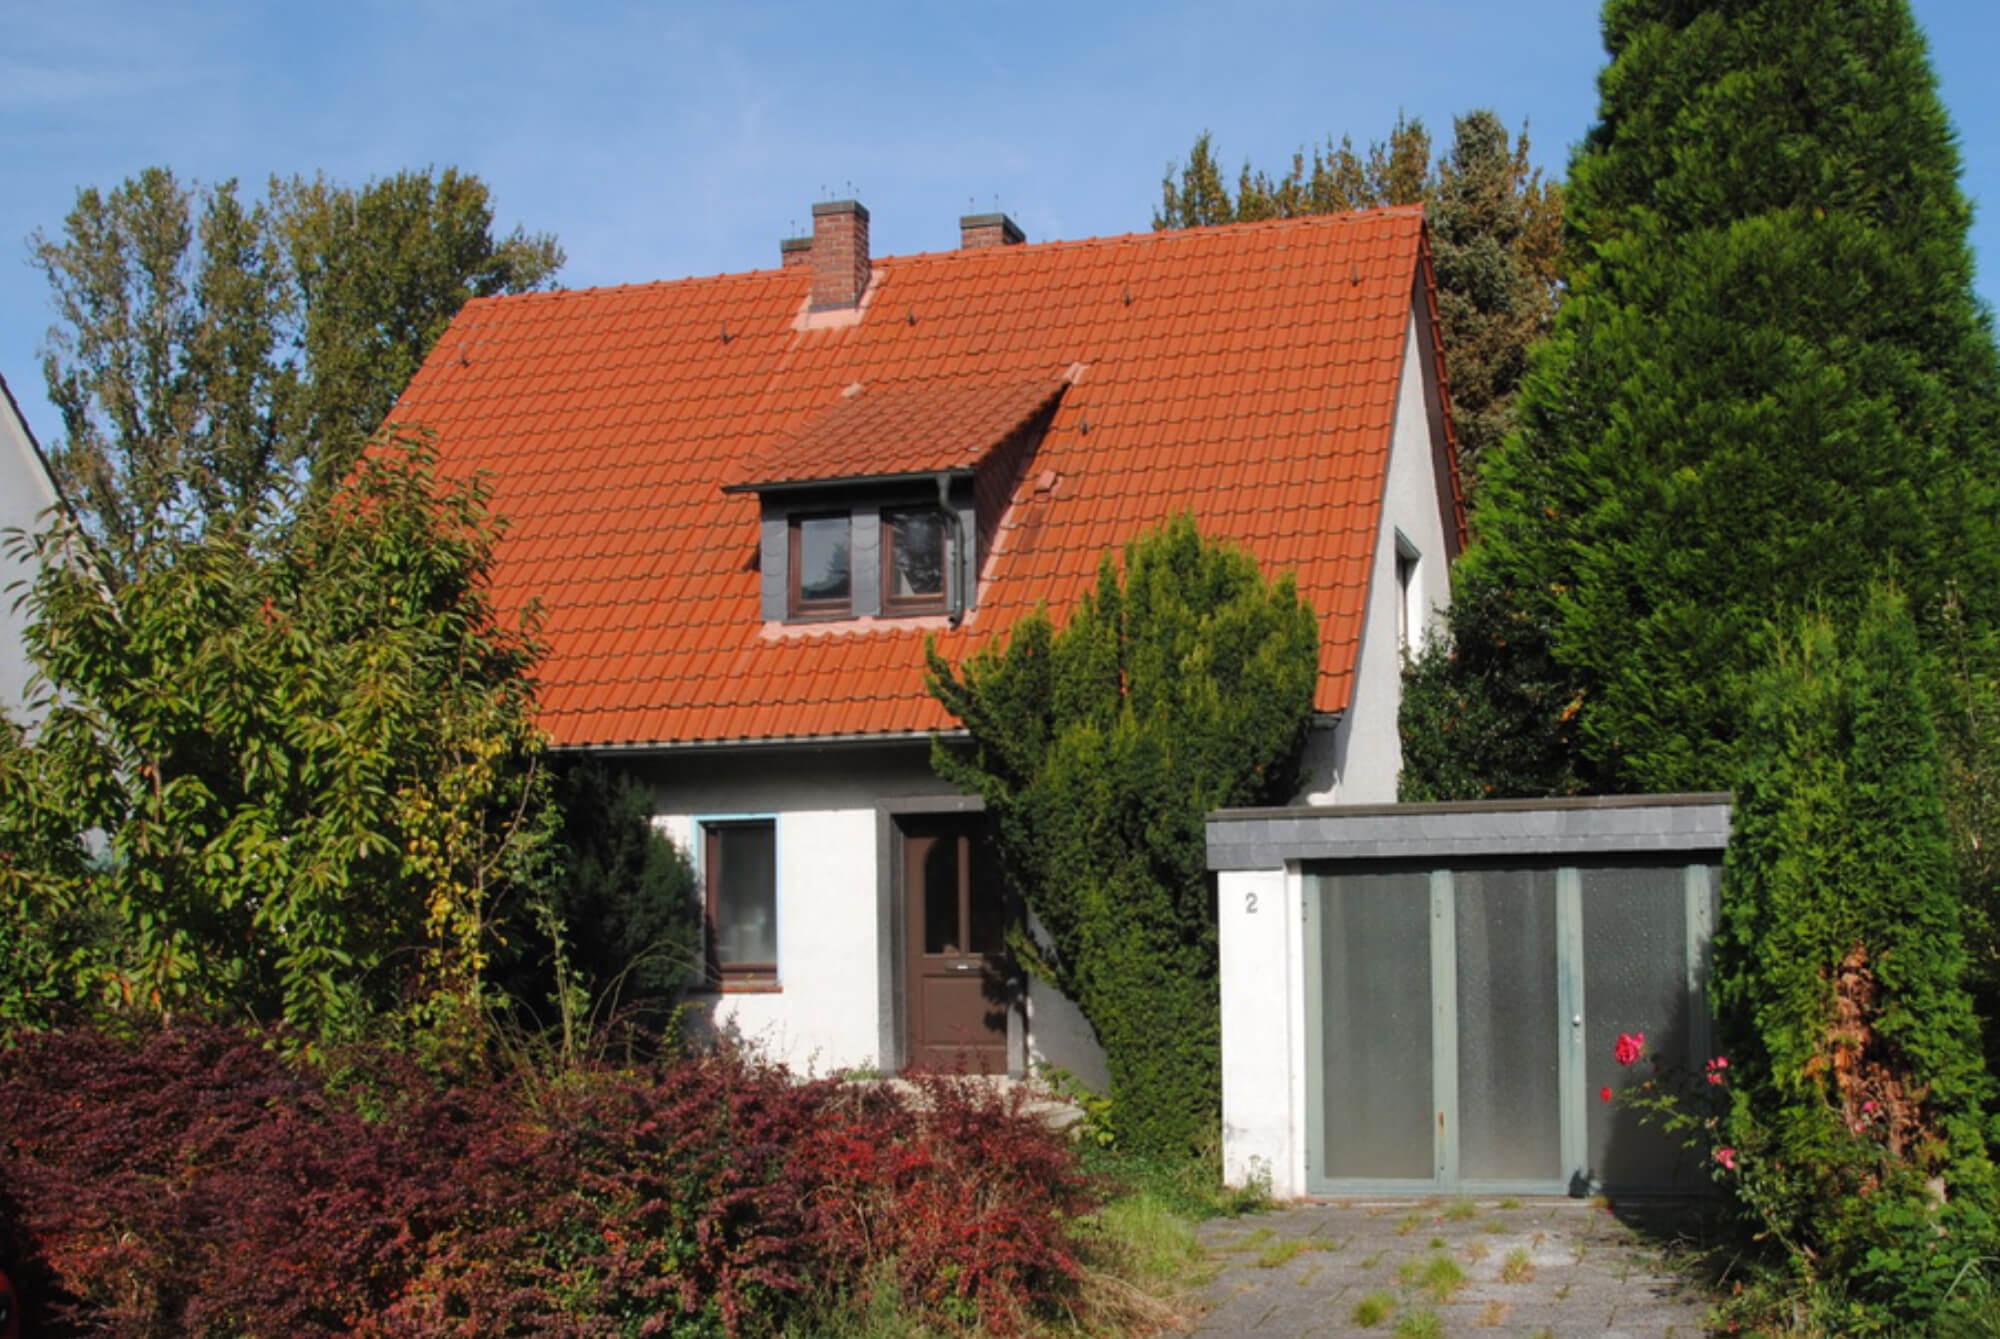 Haus in Süd mit parkähnlichem Grundstück